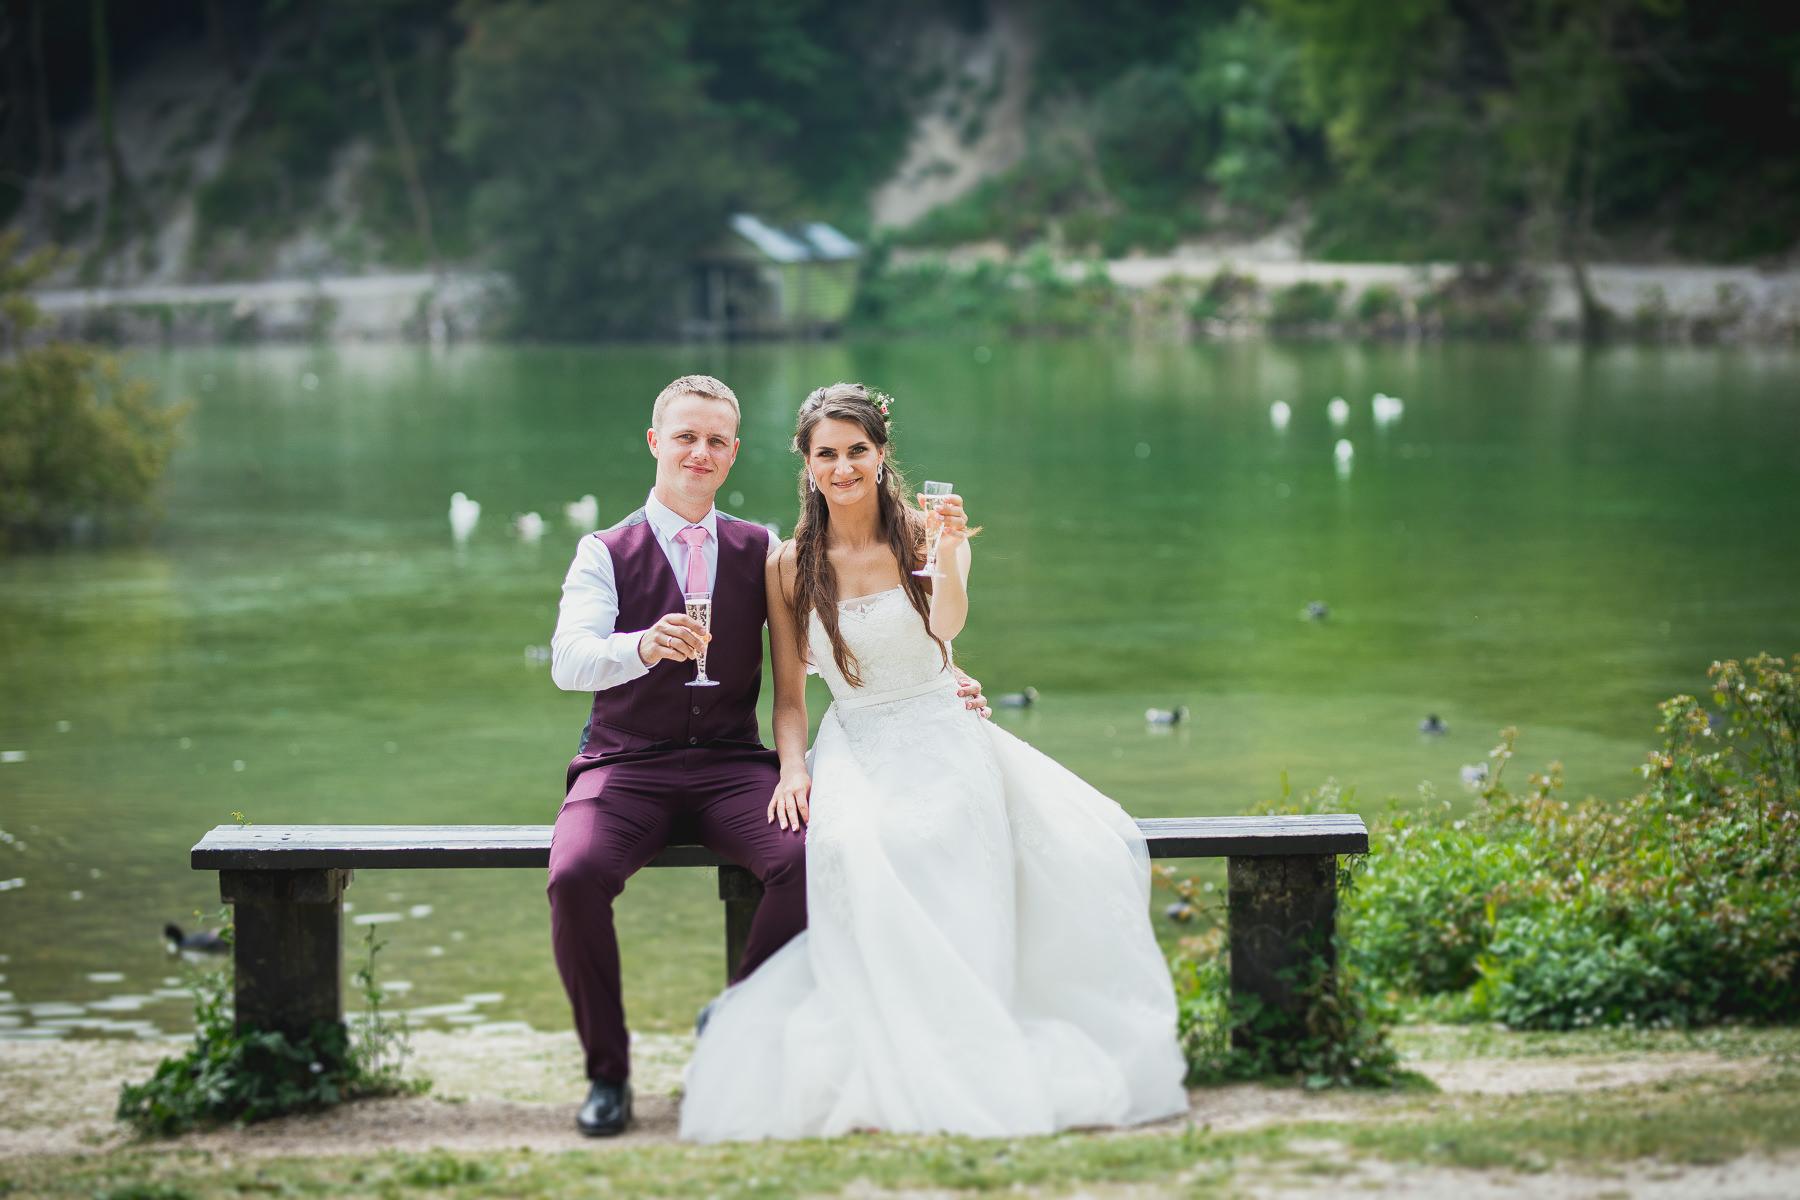 Dangira & Ignas Chichester Weddings VILCINSKAITE PHOTO 2.jpg